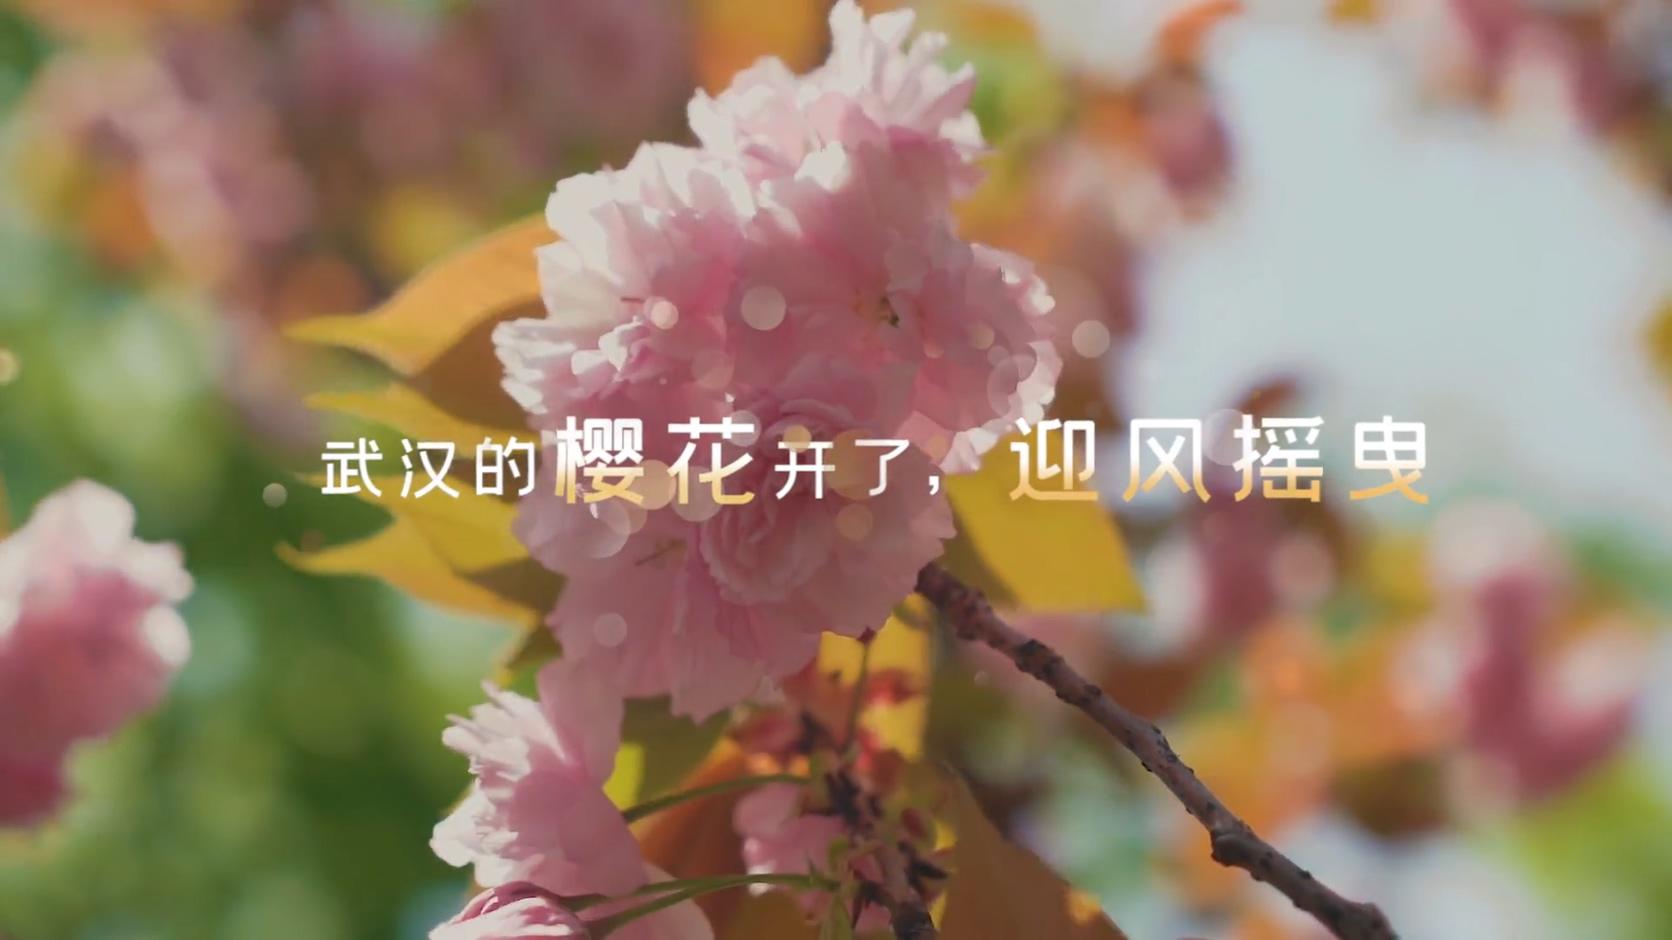 武汉樱花疫情过后唯美光斑实拍视频字幕展示视频素材